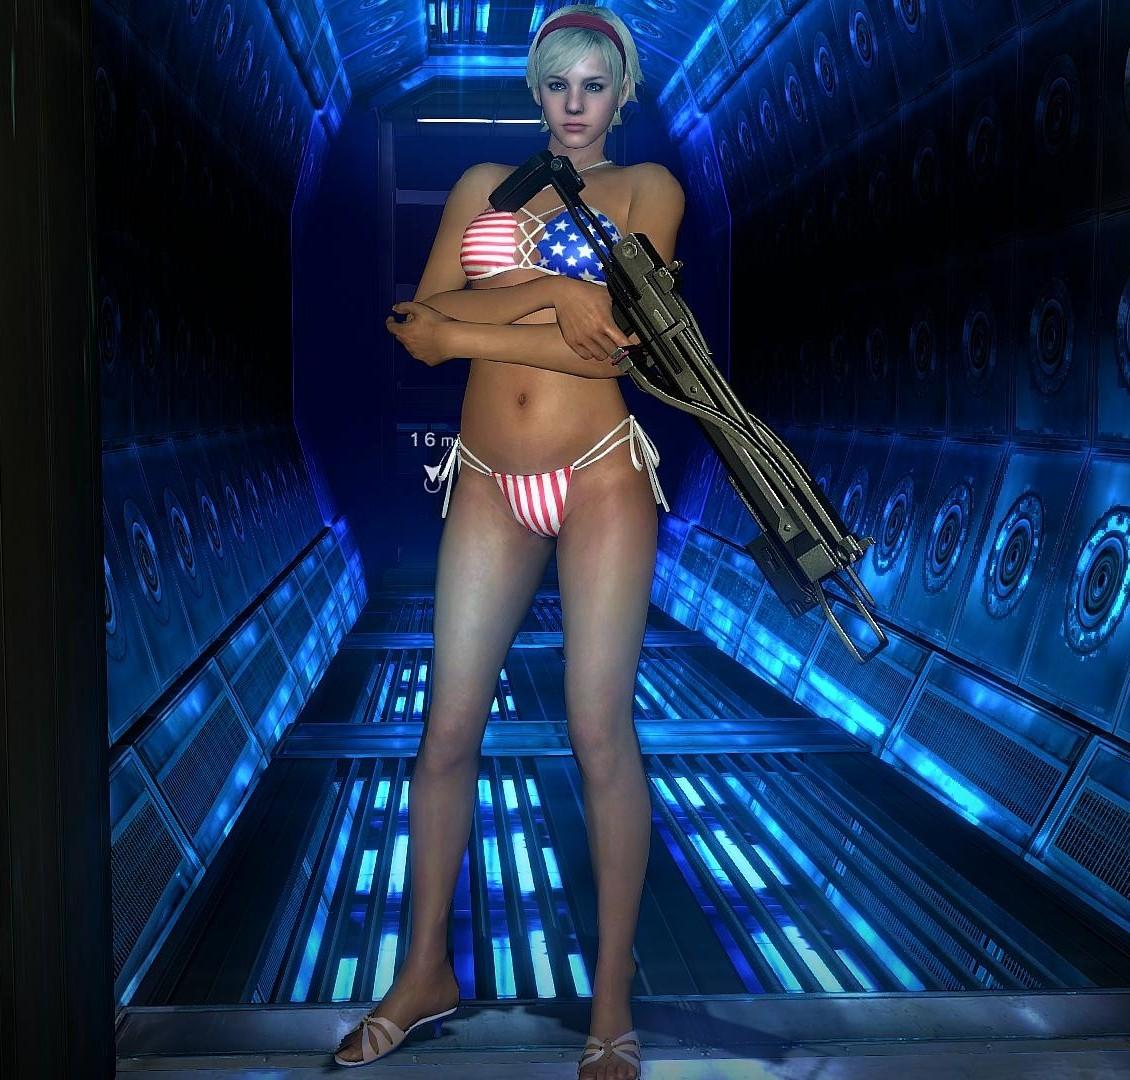 Sherry American Bikini  0_117641_58140dad_orig